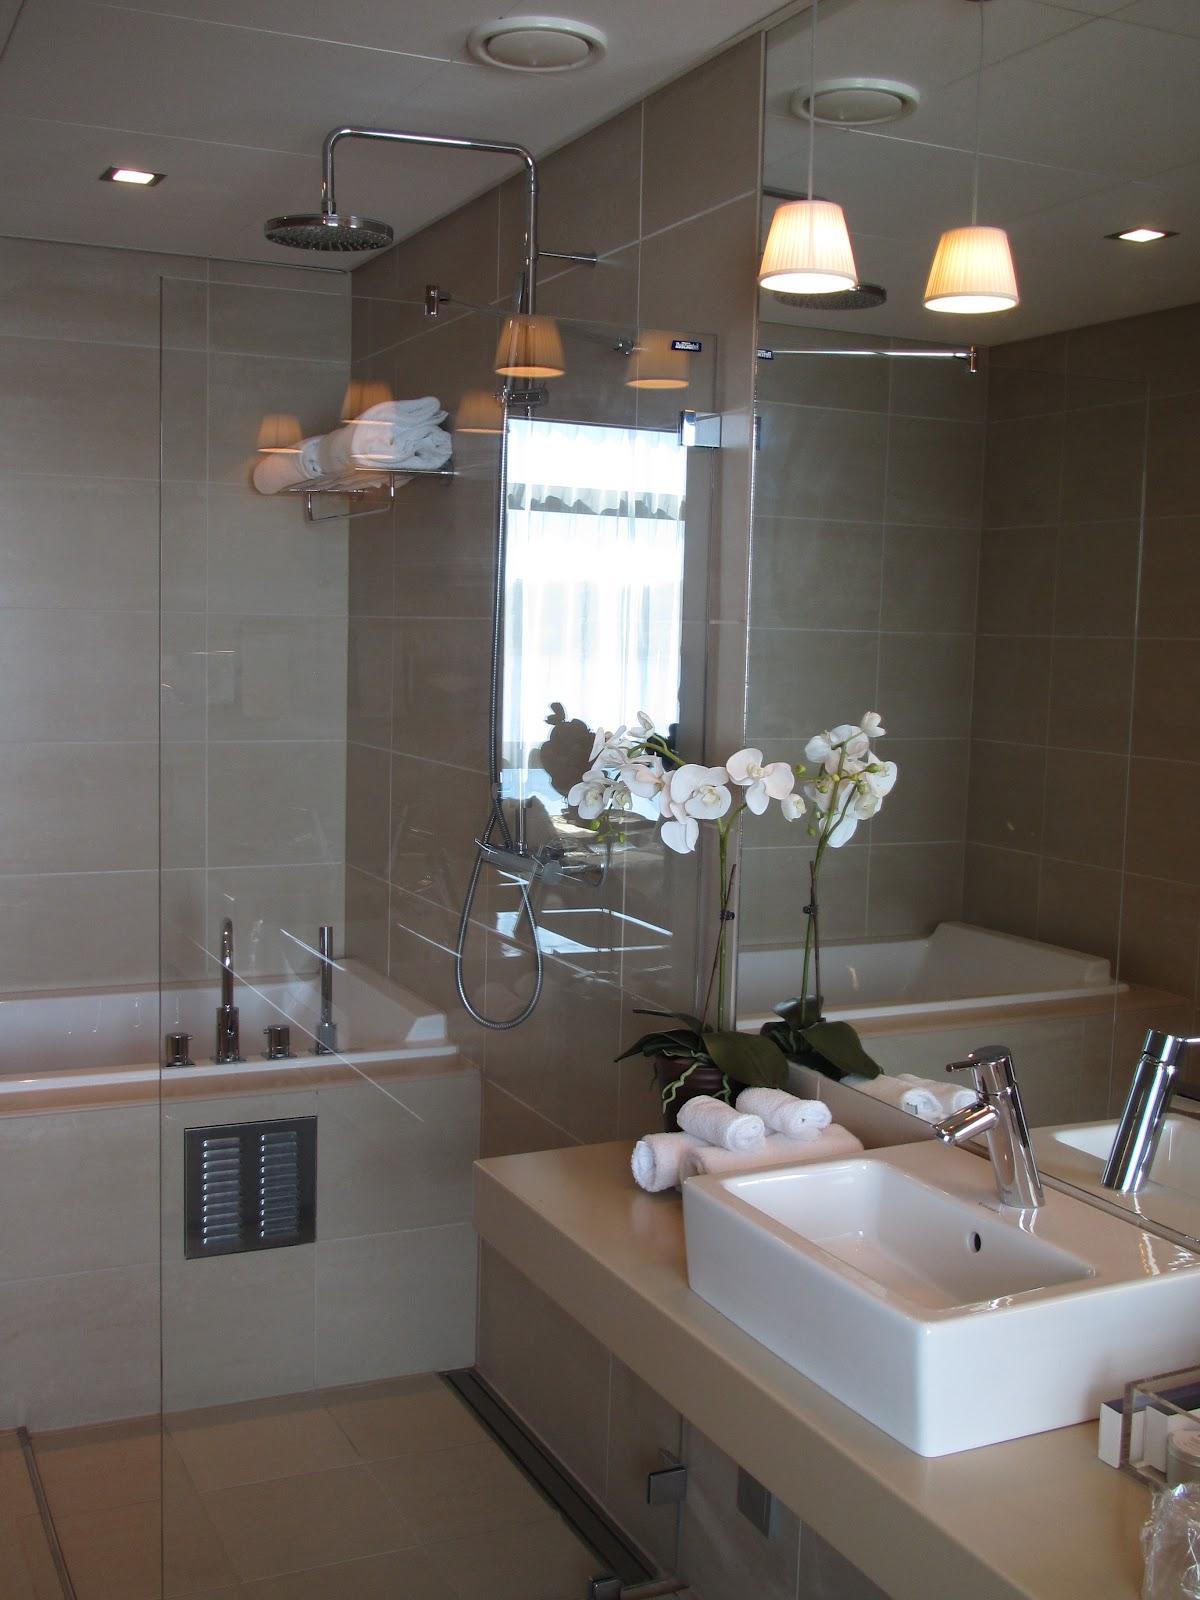 lite bad med badekar Med Badekar. Free Unike Badekar Fra Artw With Med Badekar. Cool  lite bad med badekar